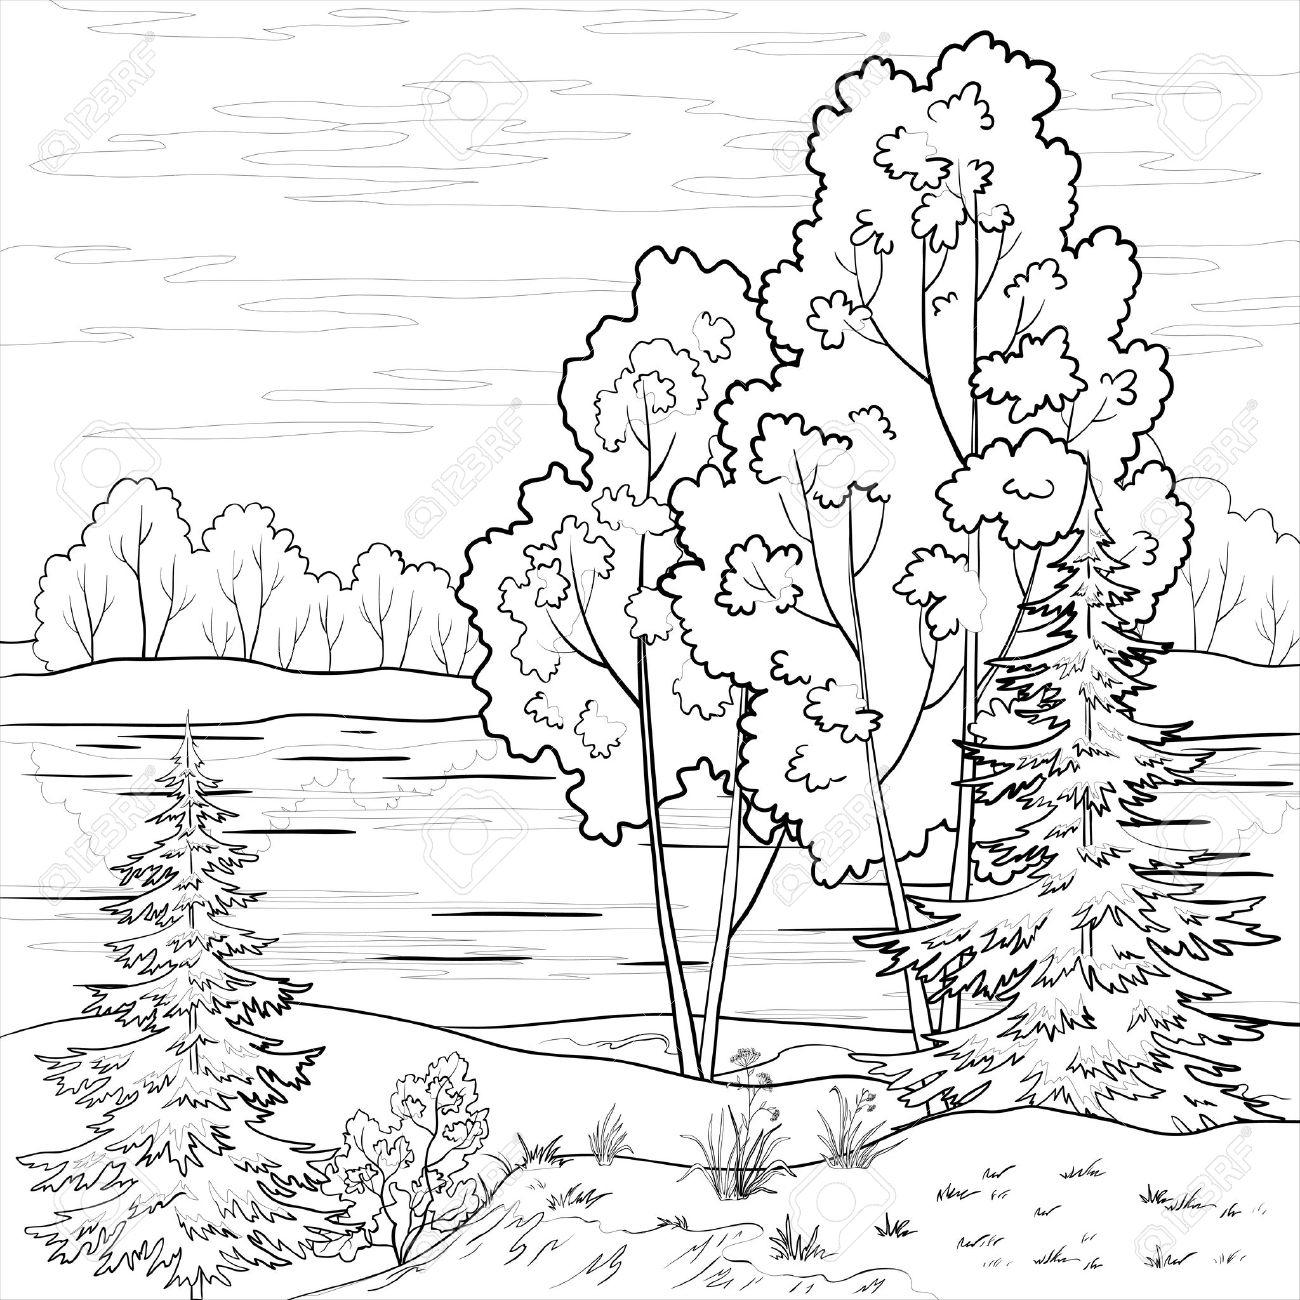 1300x1300 Contour Line Landscape Drawing